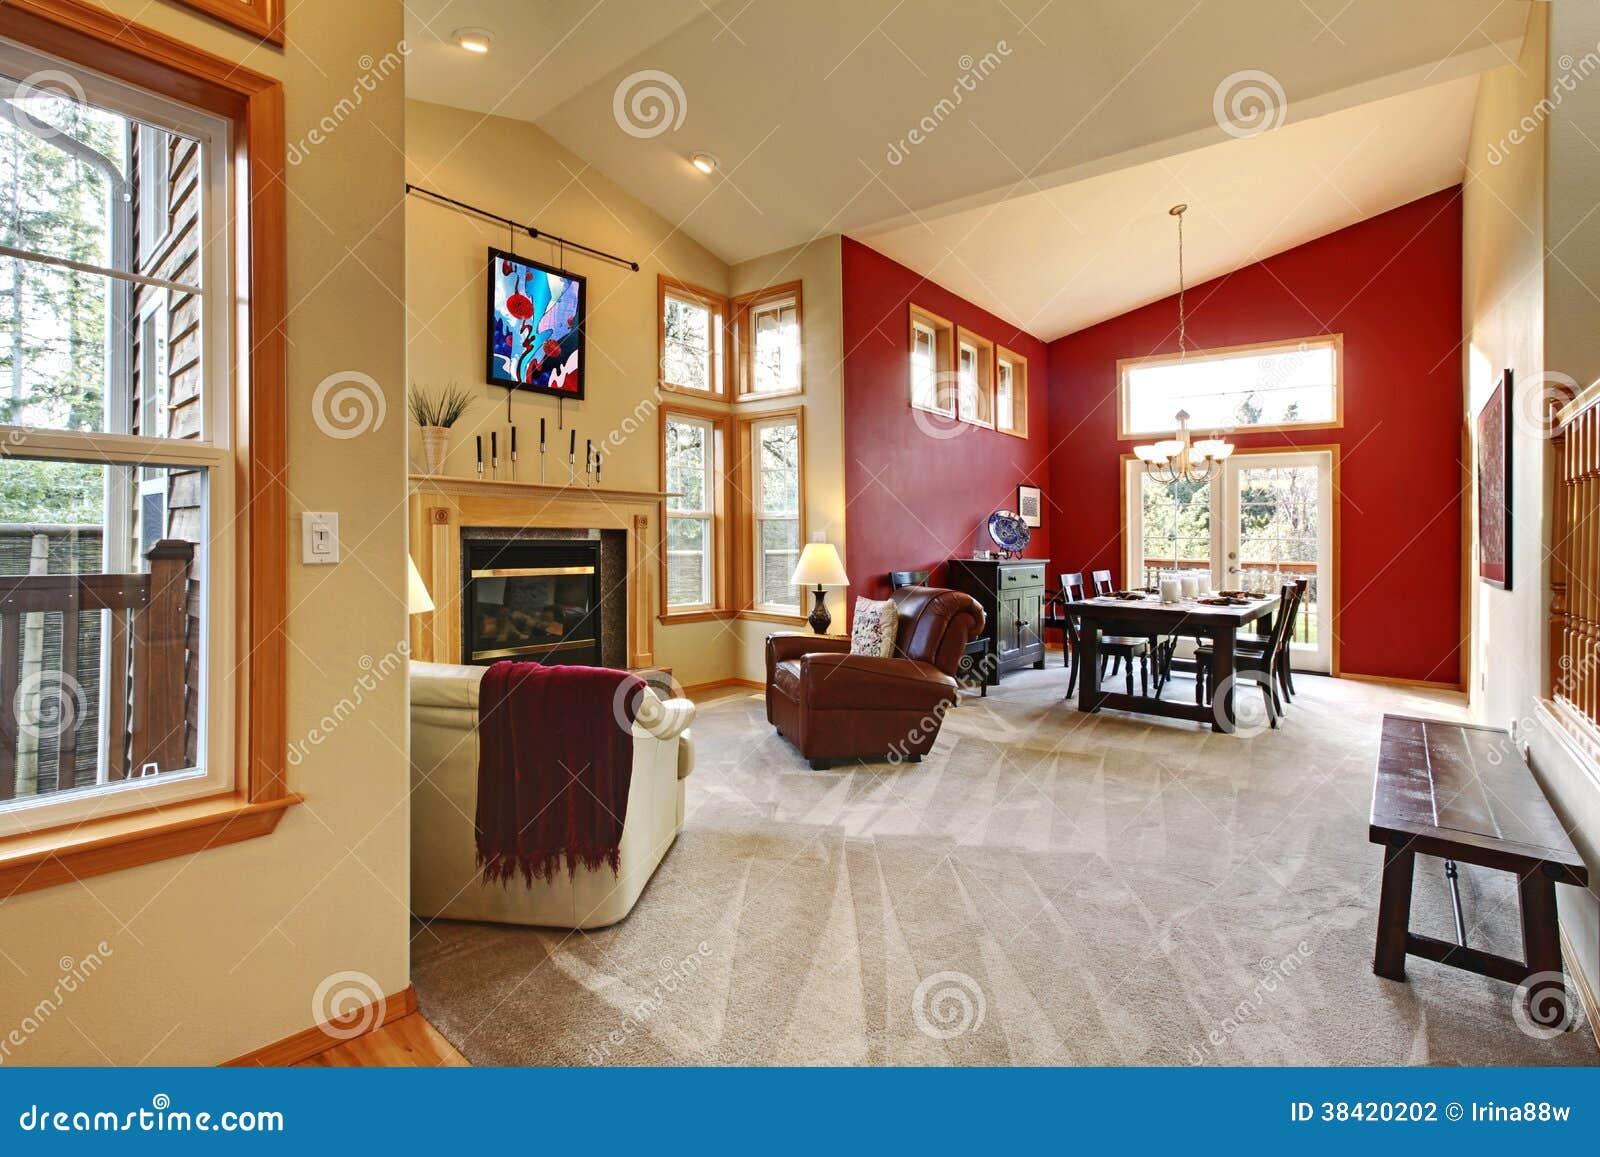 modernes gro es offenes wohnzimmer mit roter wand stockfotografie bild 38420202. Black Bedroom Furniture Sets. Home Design Ideas